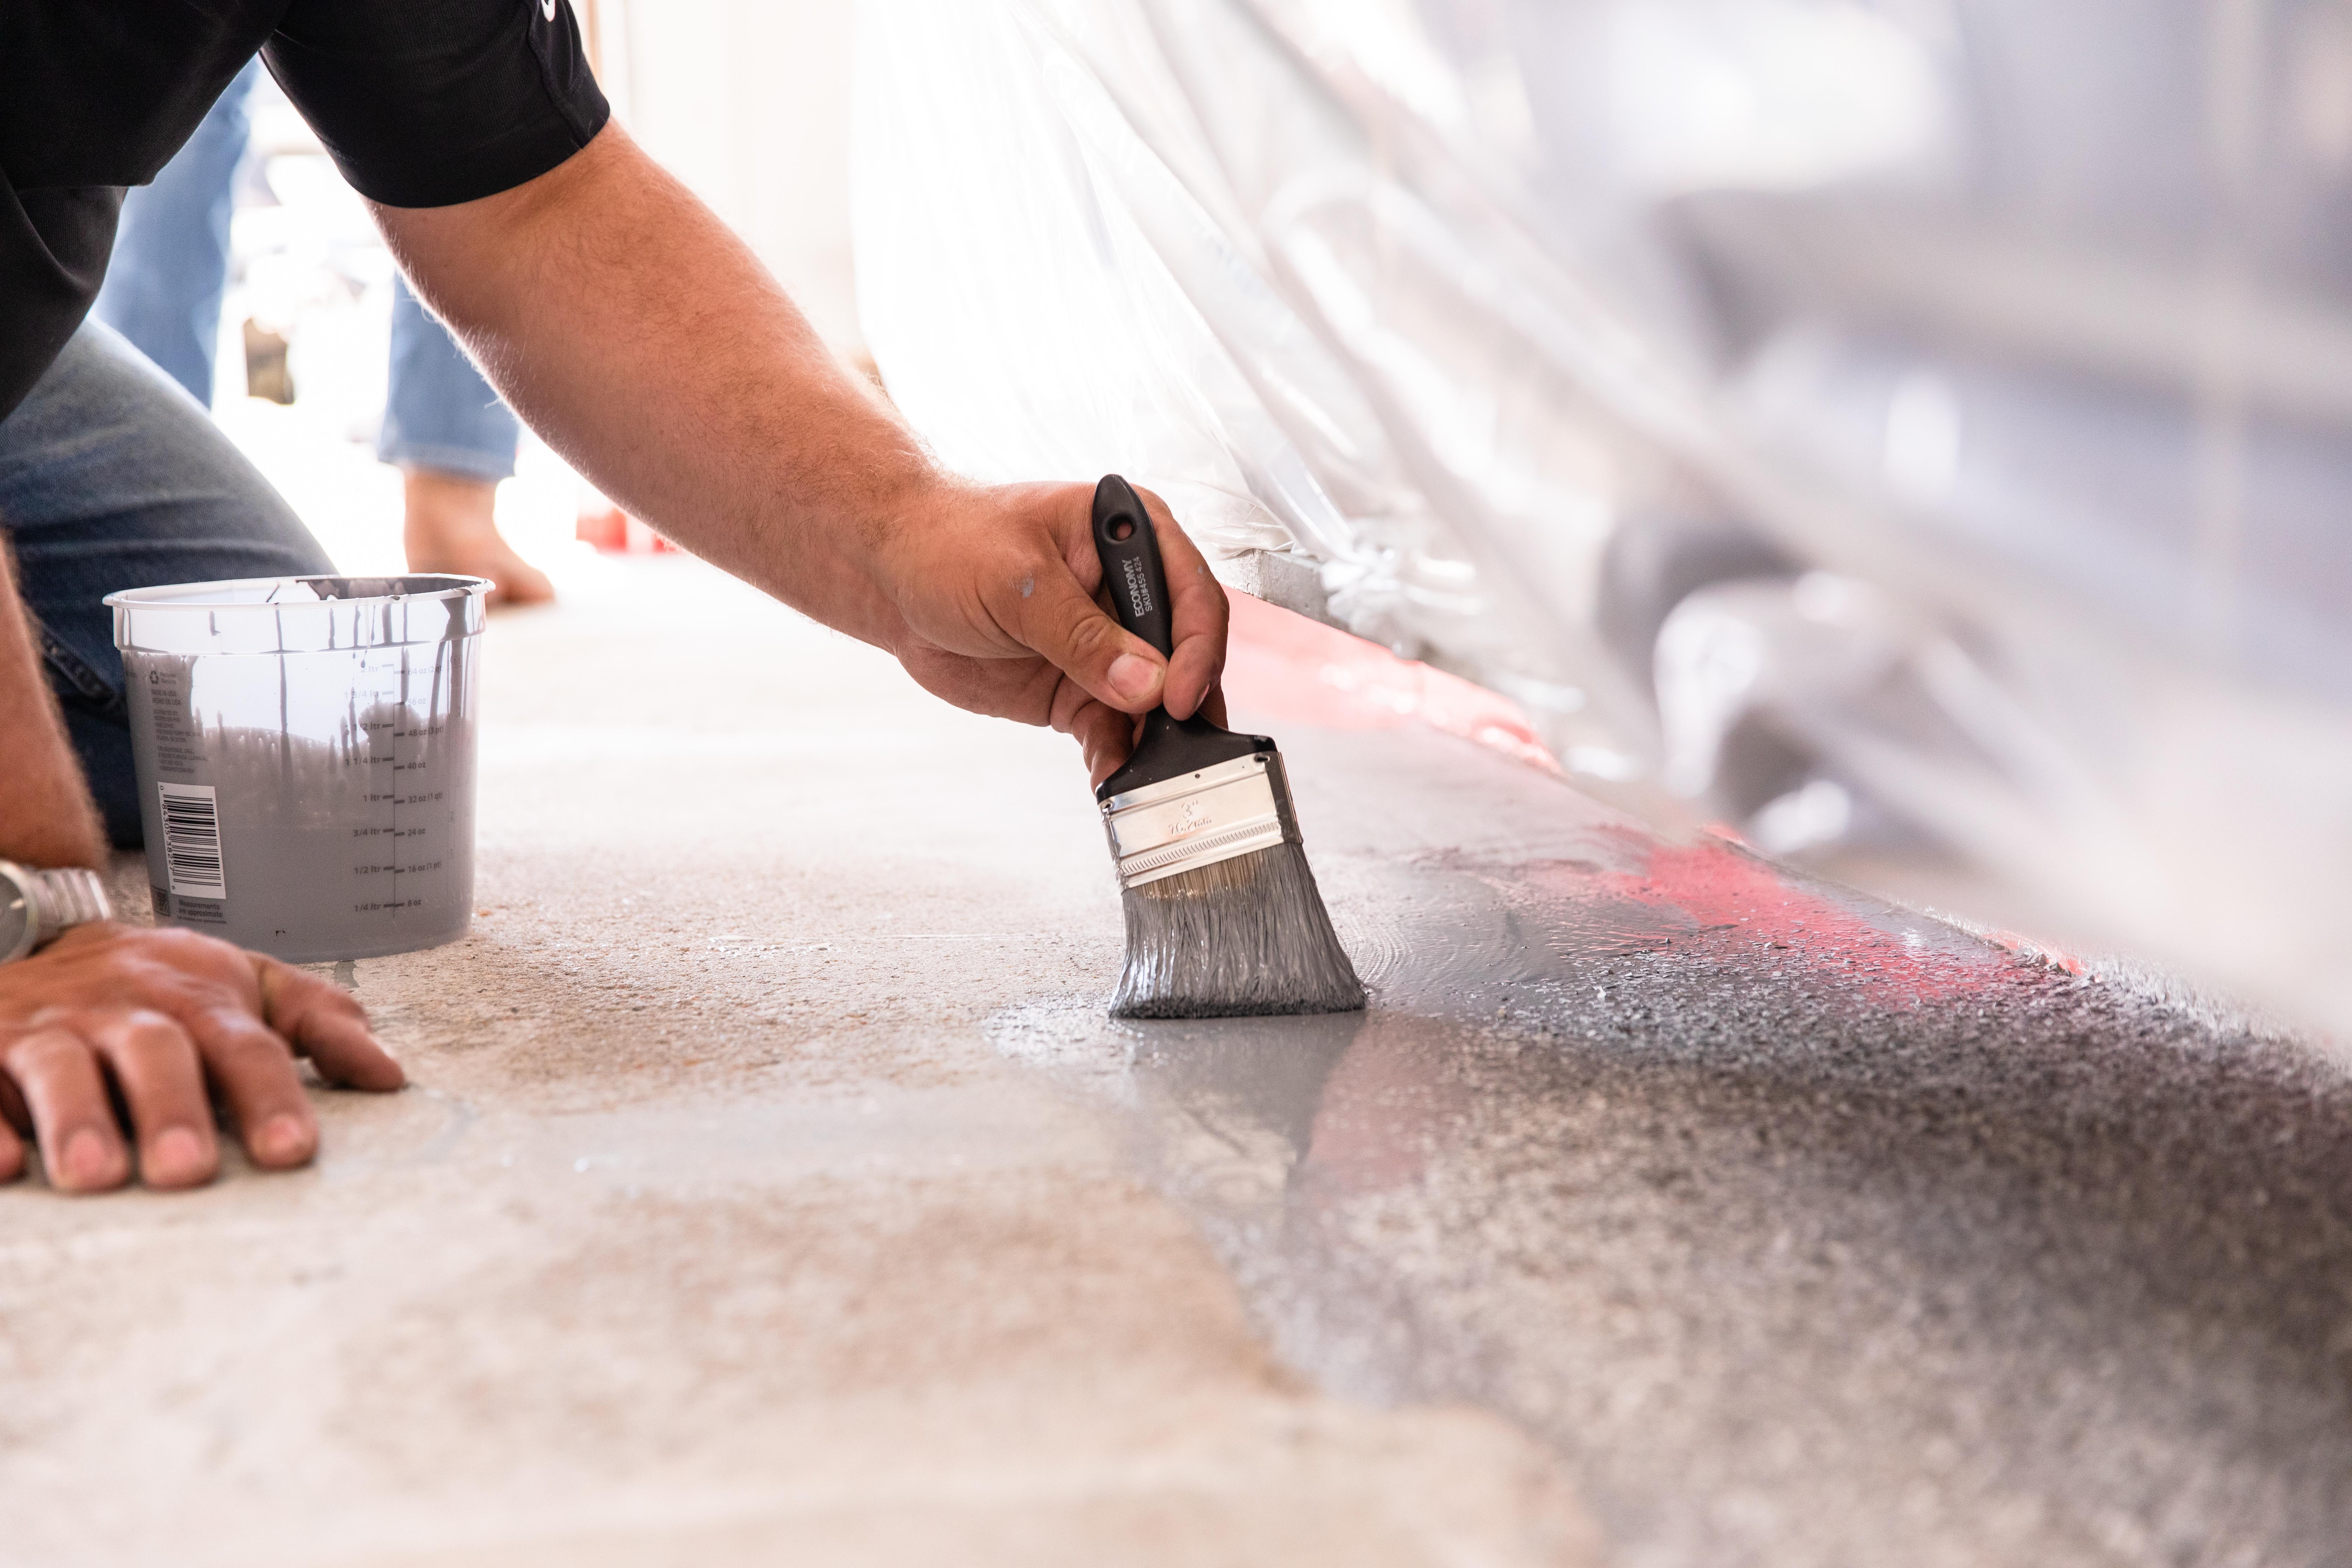 Garage Flooring: Should You DIY or Hire a Contractor?